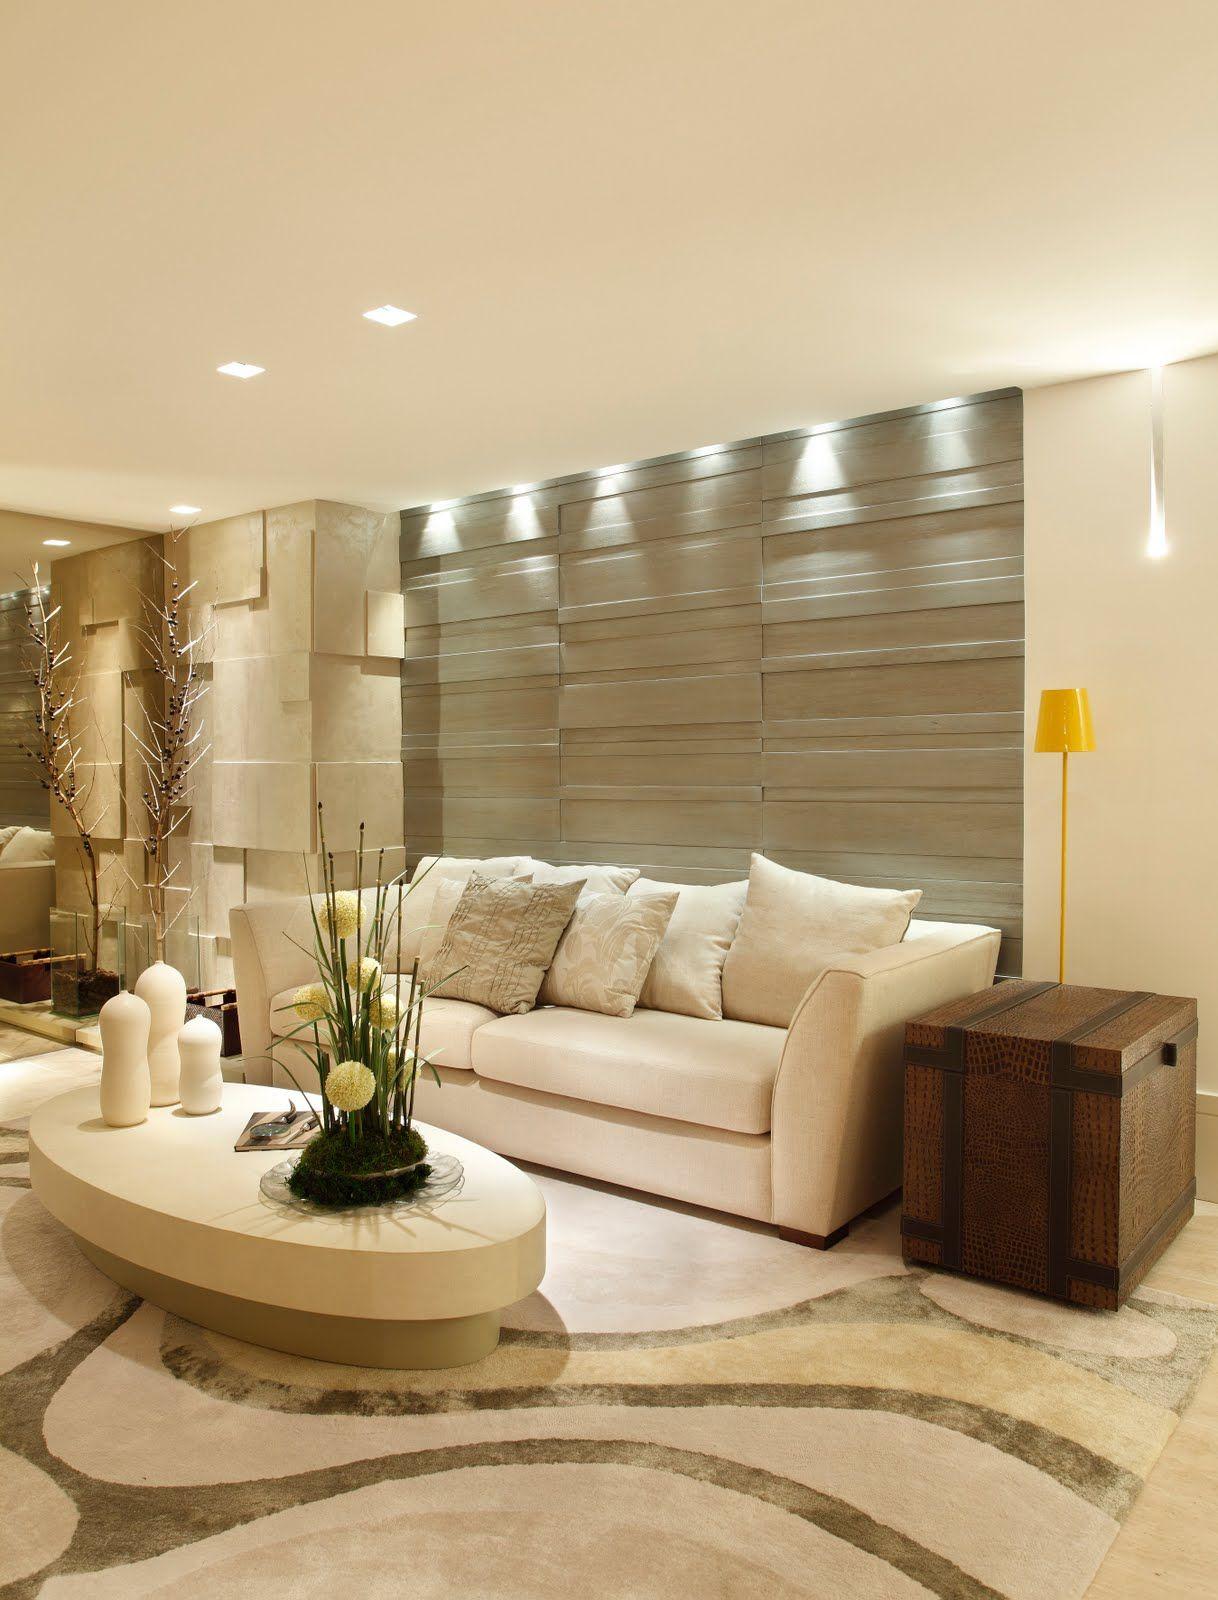 Elegant Sala Estar   Papel Parede   Iluminacao   Tapete | Diseño Salas De Star,  Comedores Y Entradas. | Pinterest | Haus Innenarchitektur, Wohnzimmer Und  Wohnzimmer ...